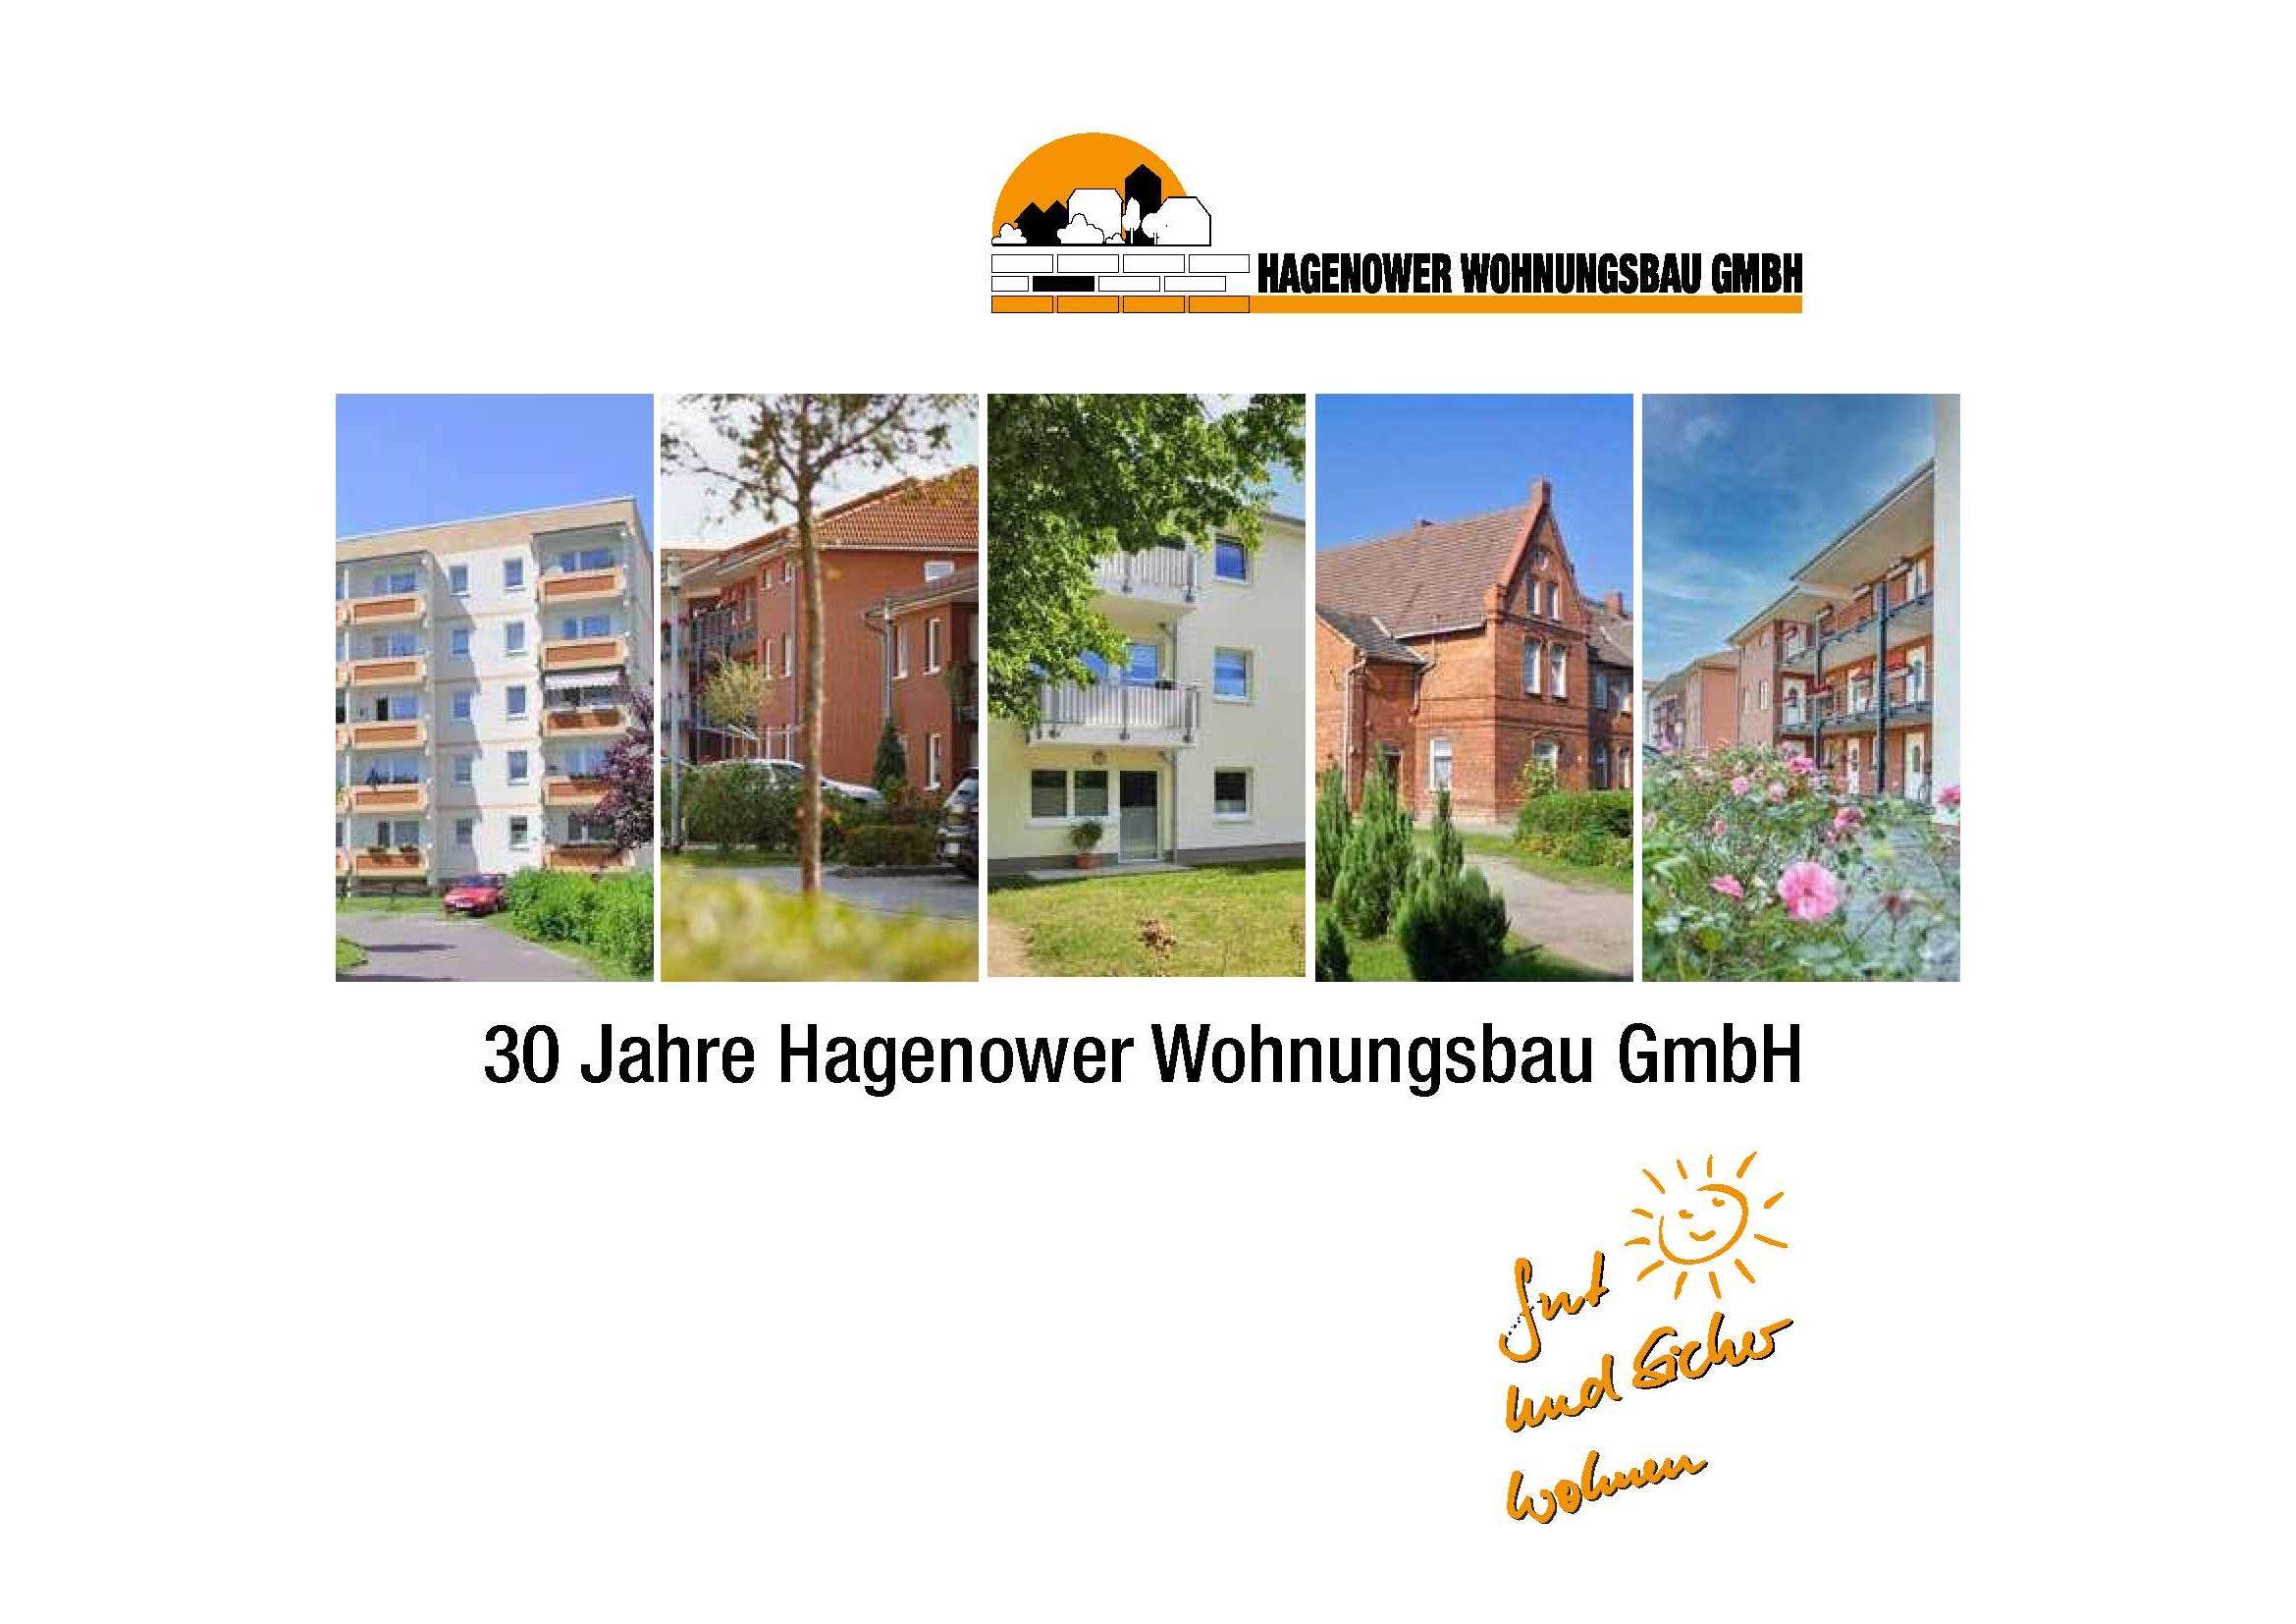 30 Jahre Hagenower Wohnungsbau GmbH